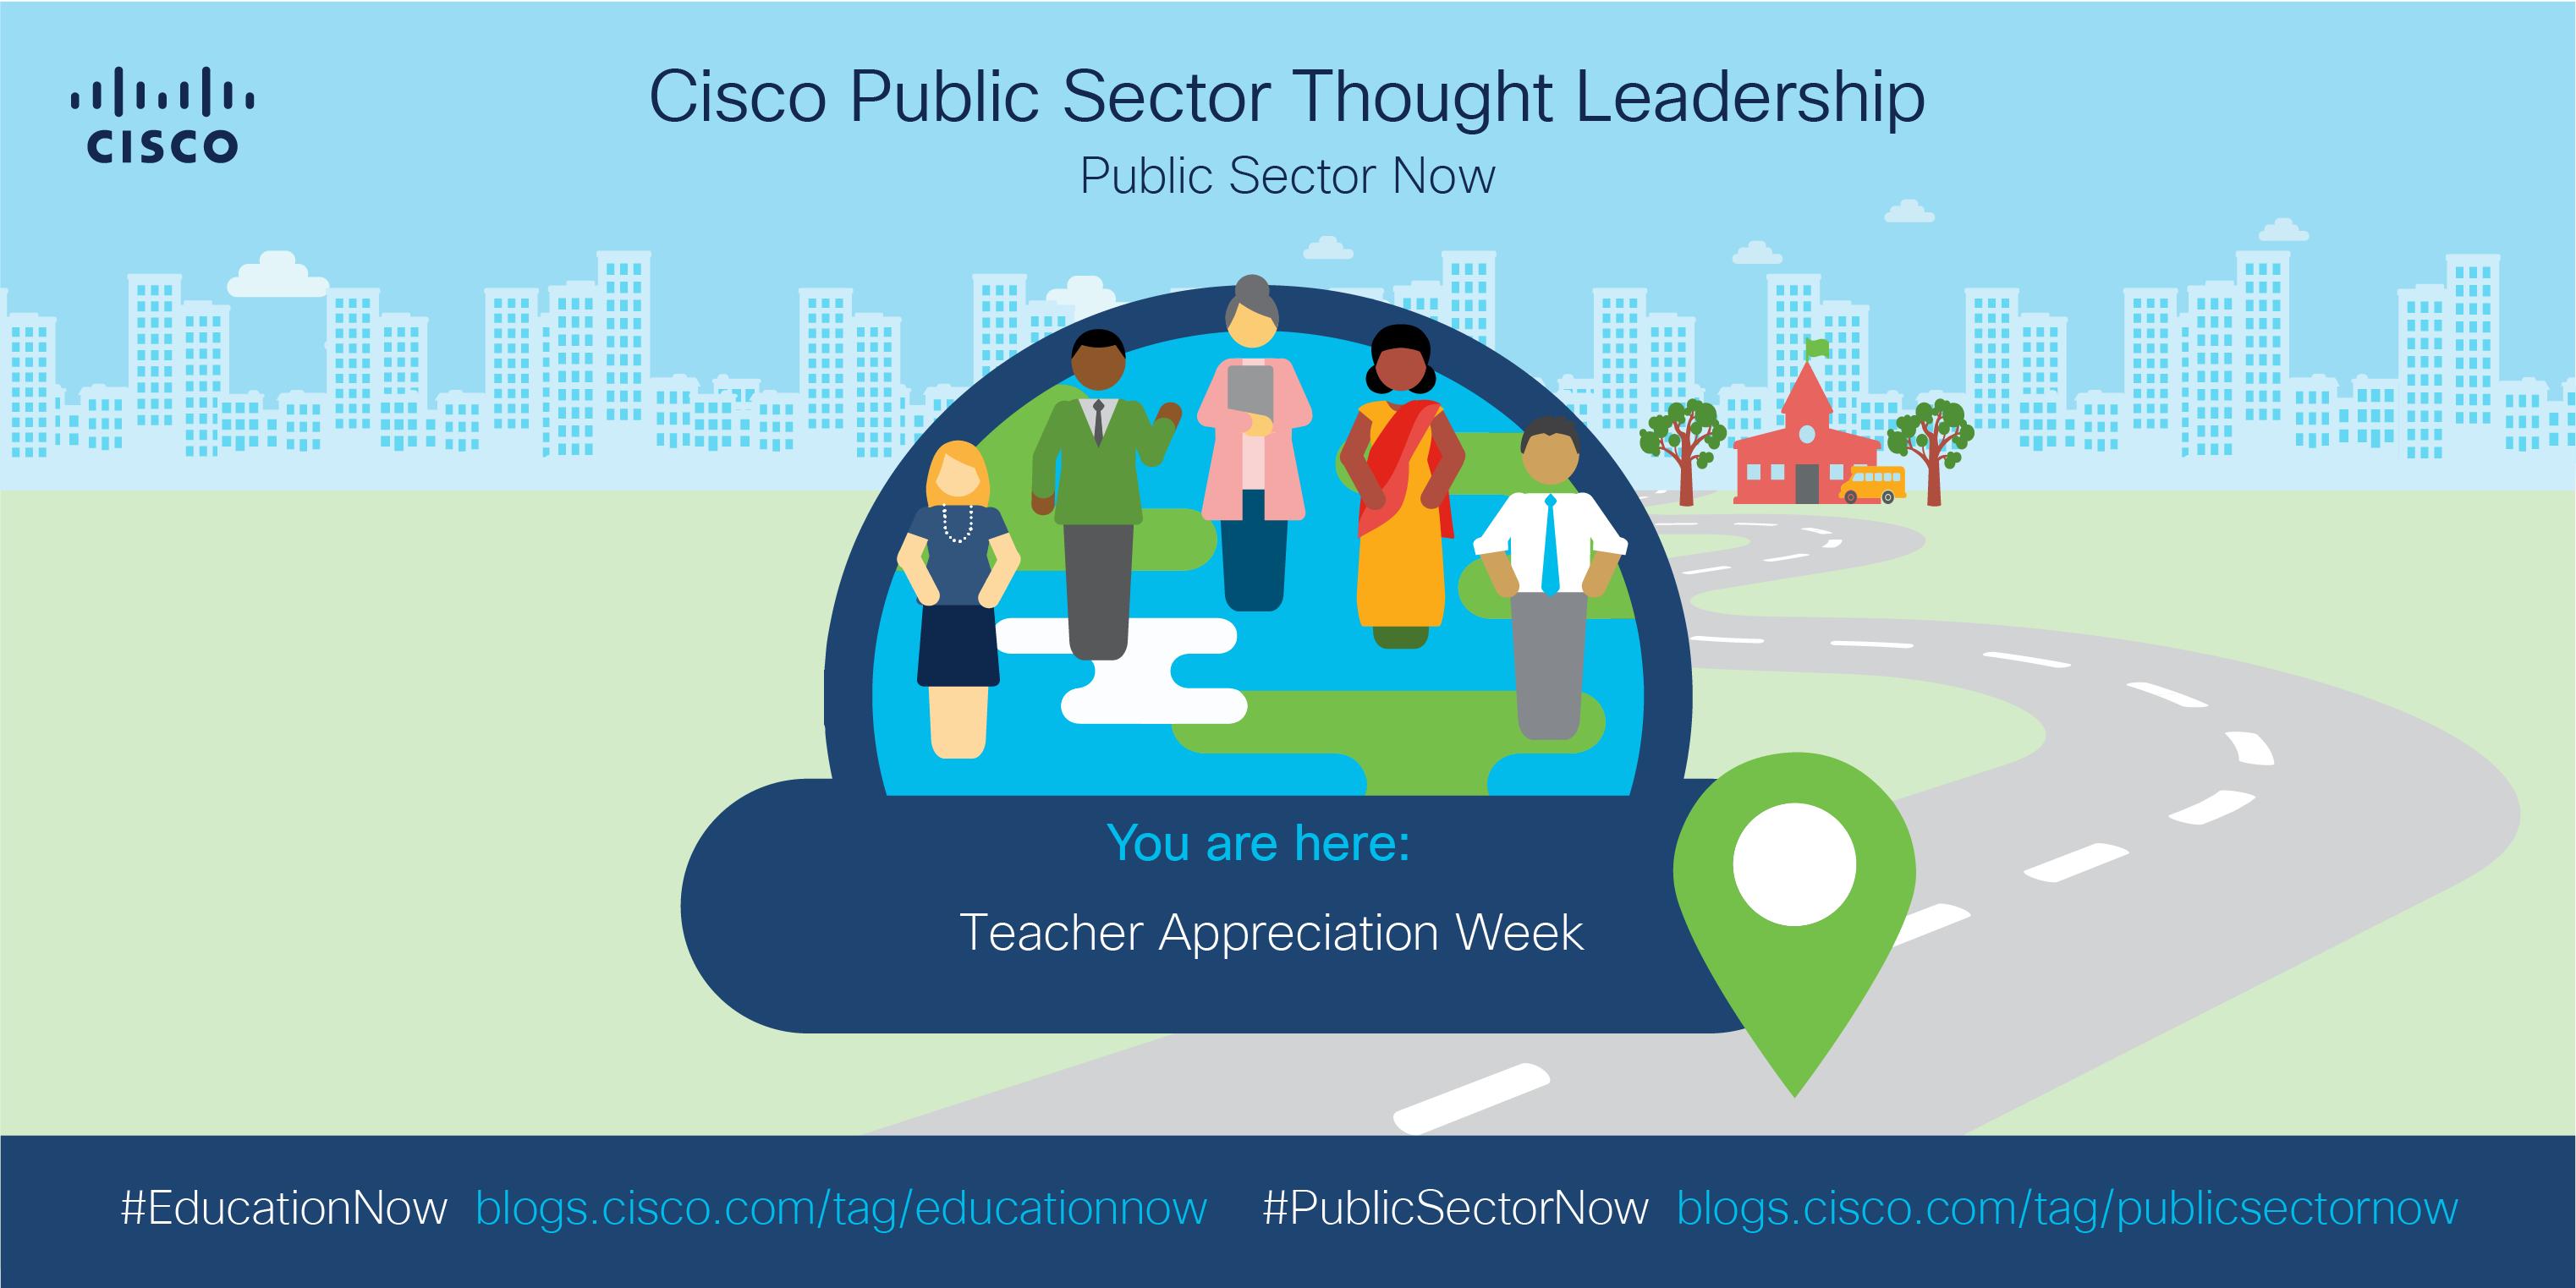 Roadmap: you are here - teacher appreciation